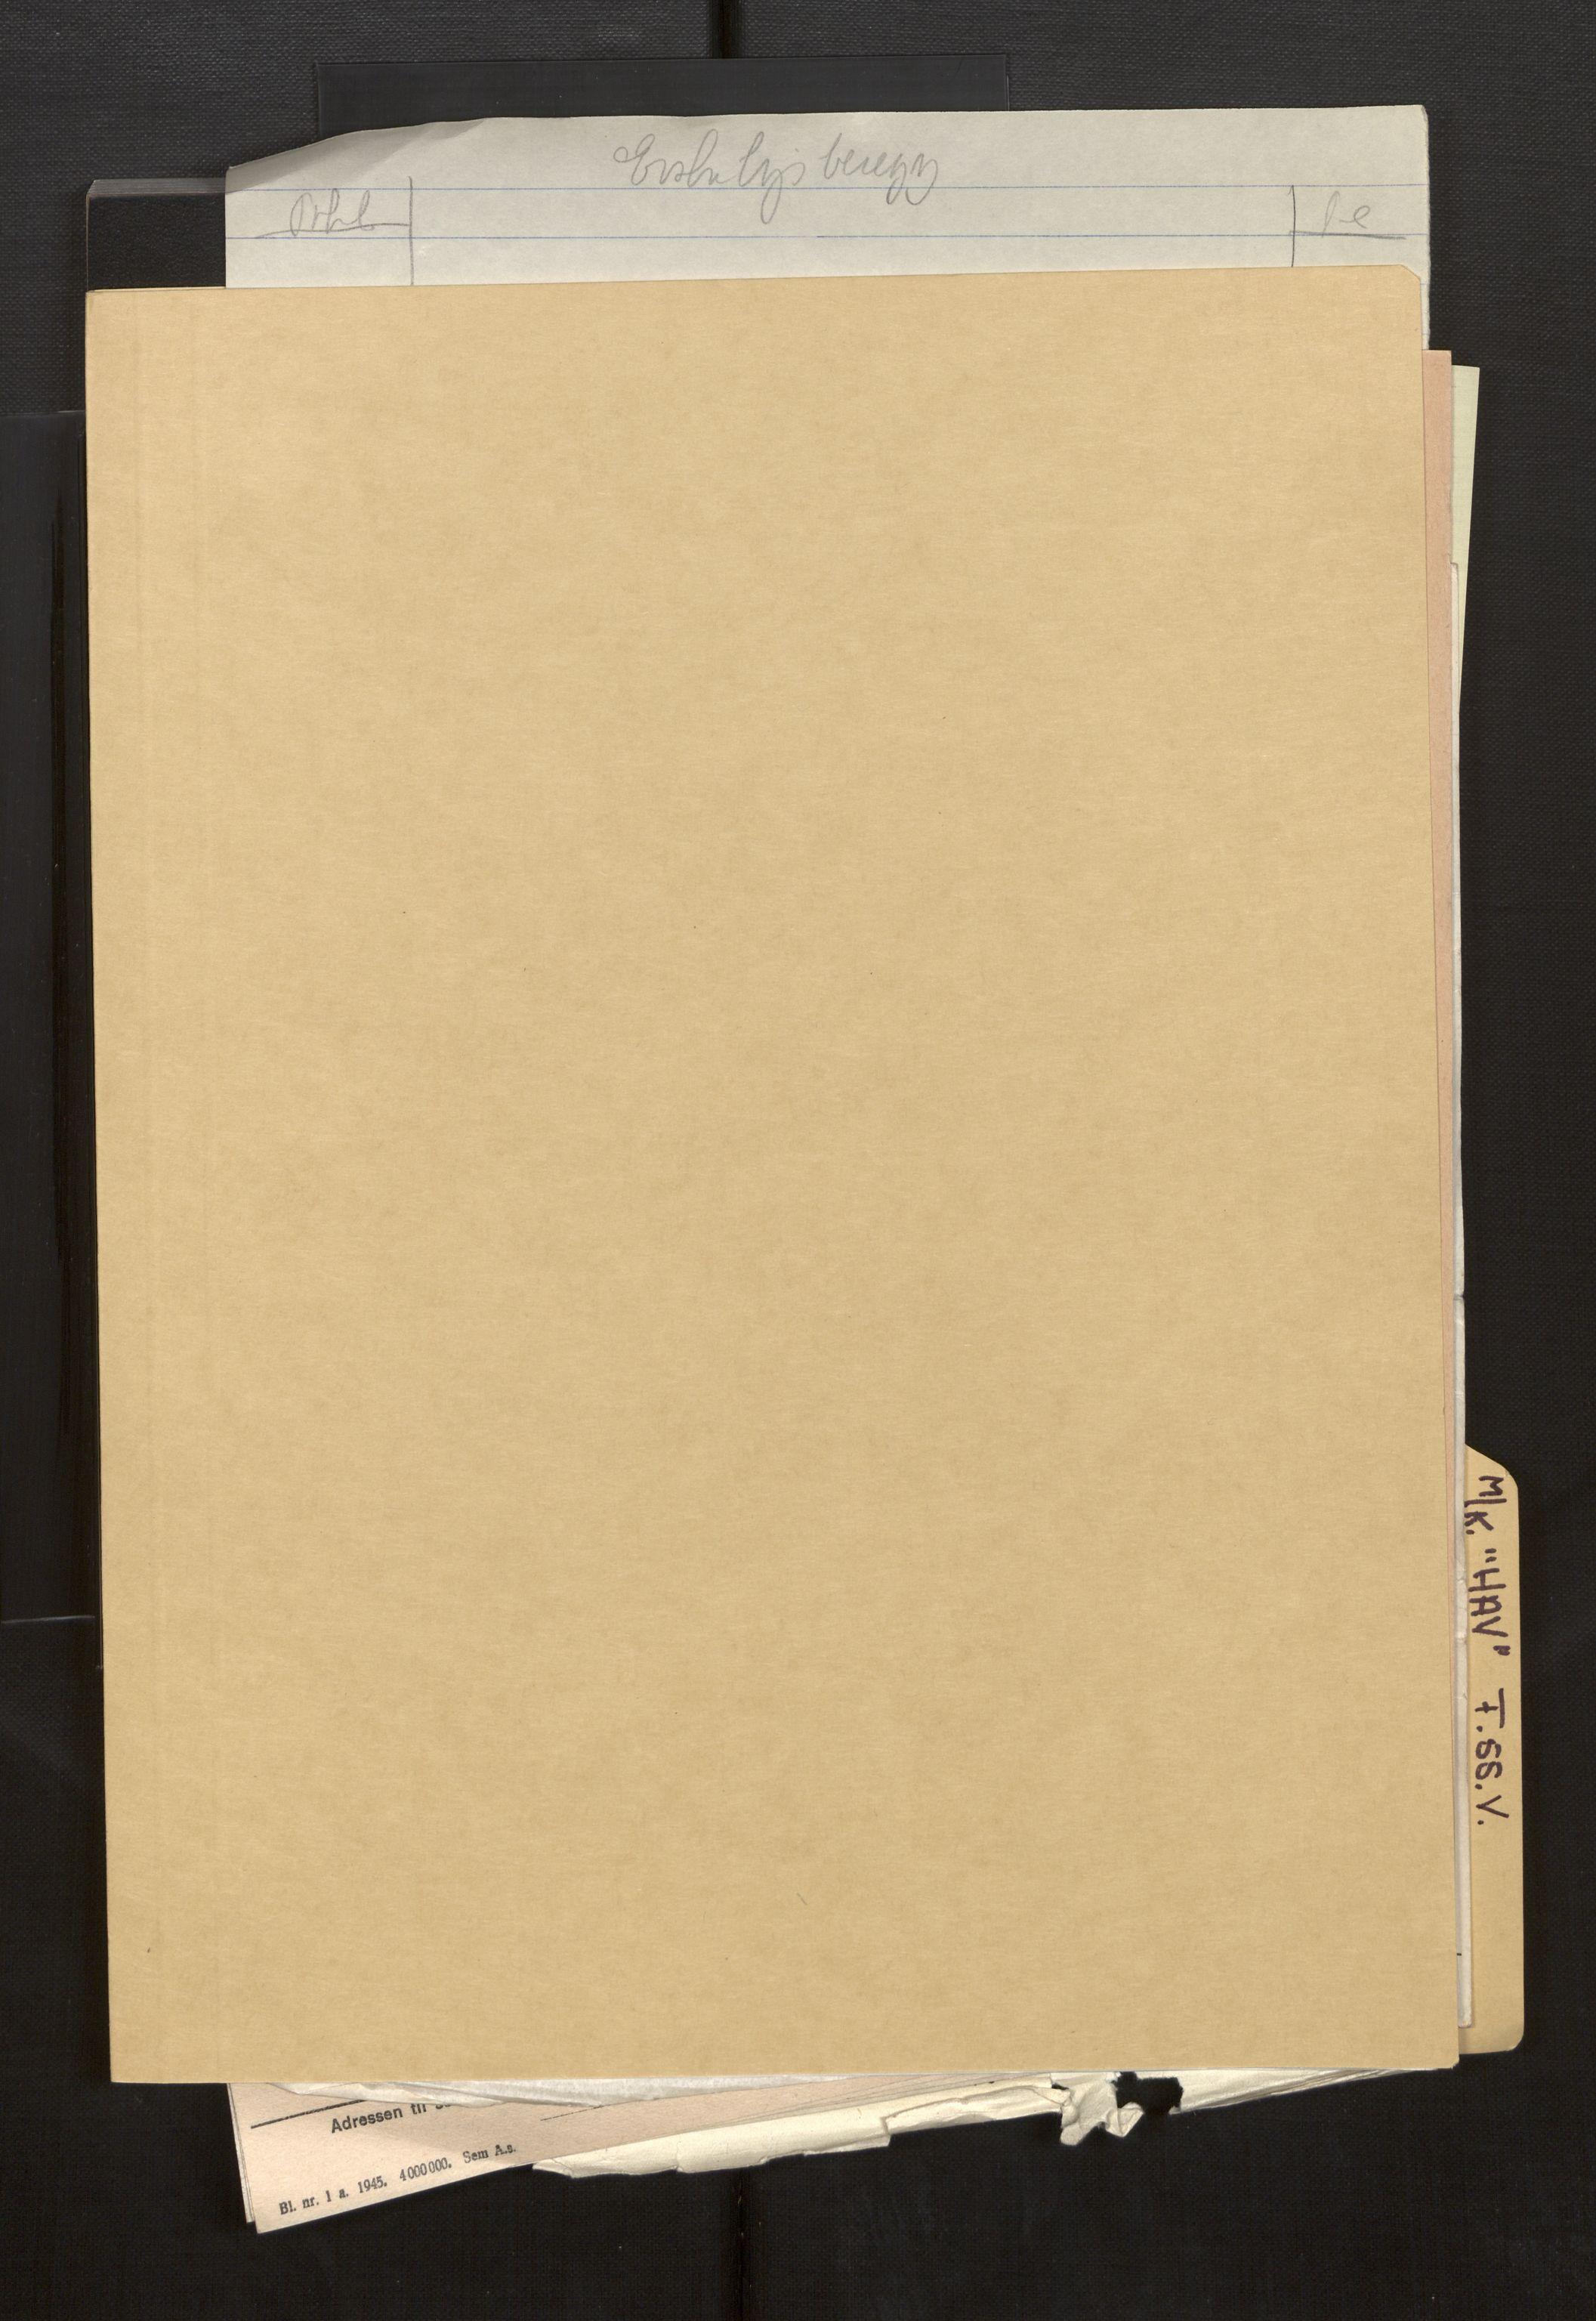 SAB, Fiskeridirektoratet - 1 Adm. ledelse - 13 Båtkontoret, La/L0042: Statens krigsforsikring for fiskeflåten, 1936-1971, p. 762